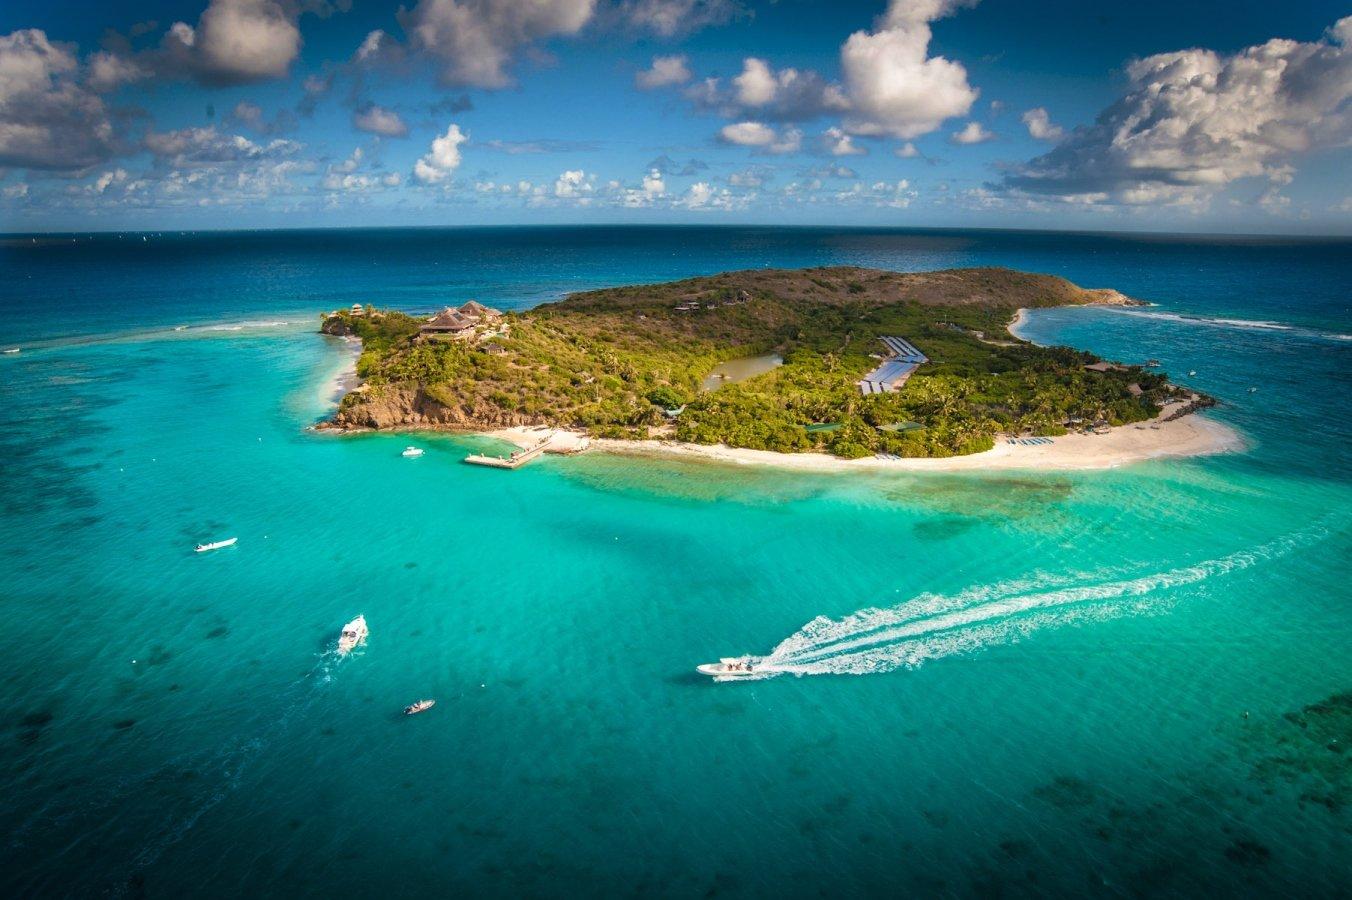 Necker Island - British Virgin Islands Necker Island - BVI